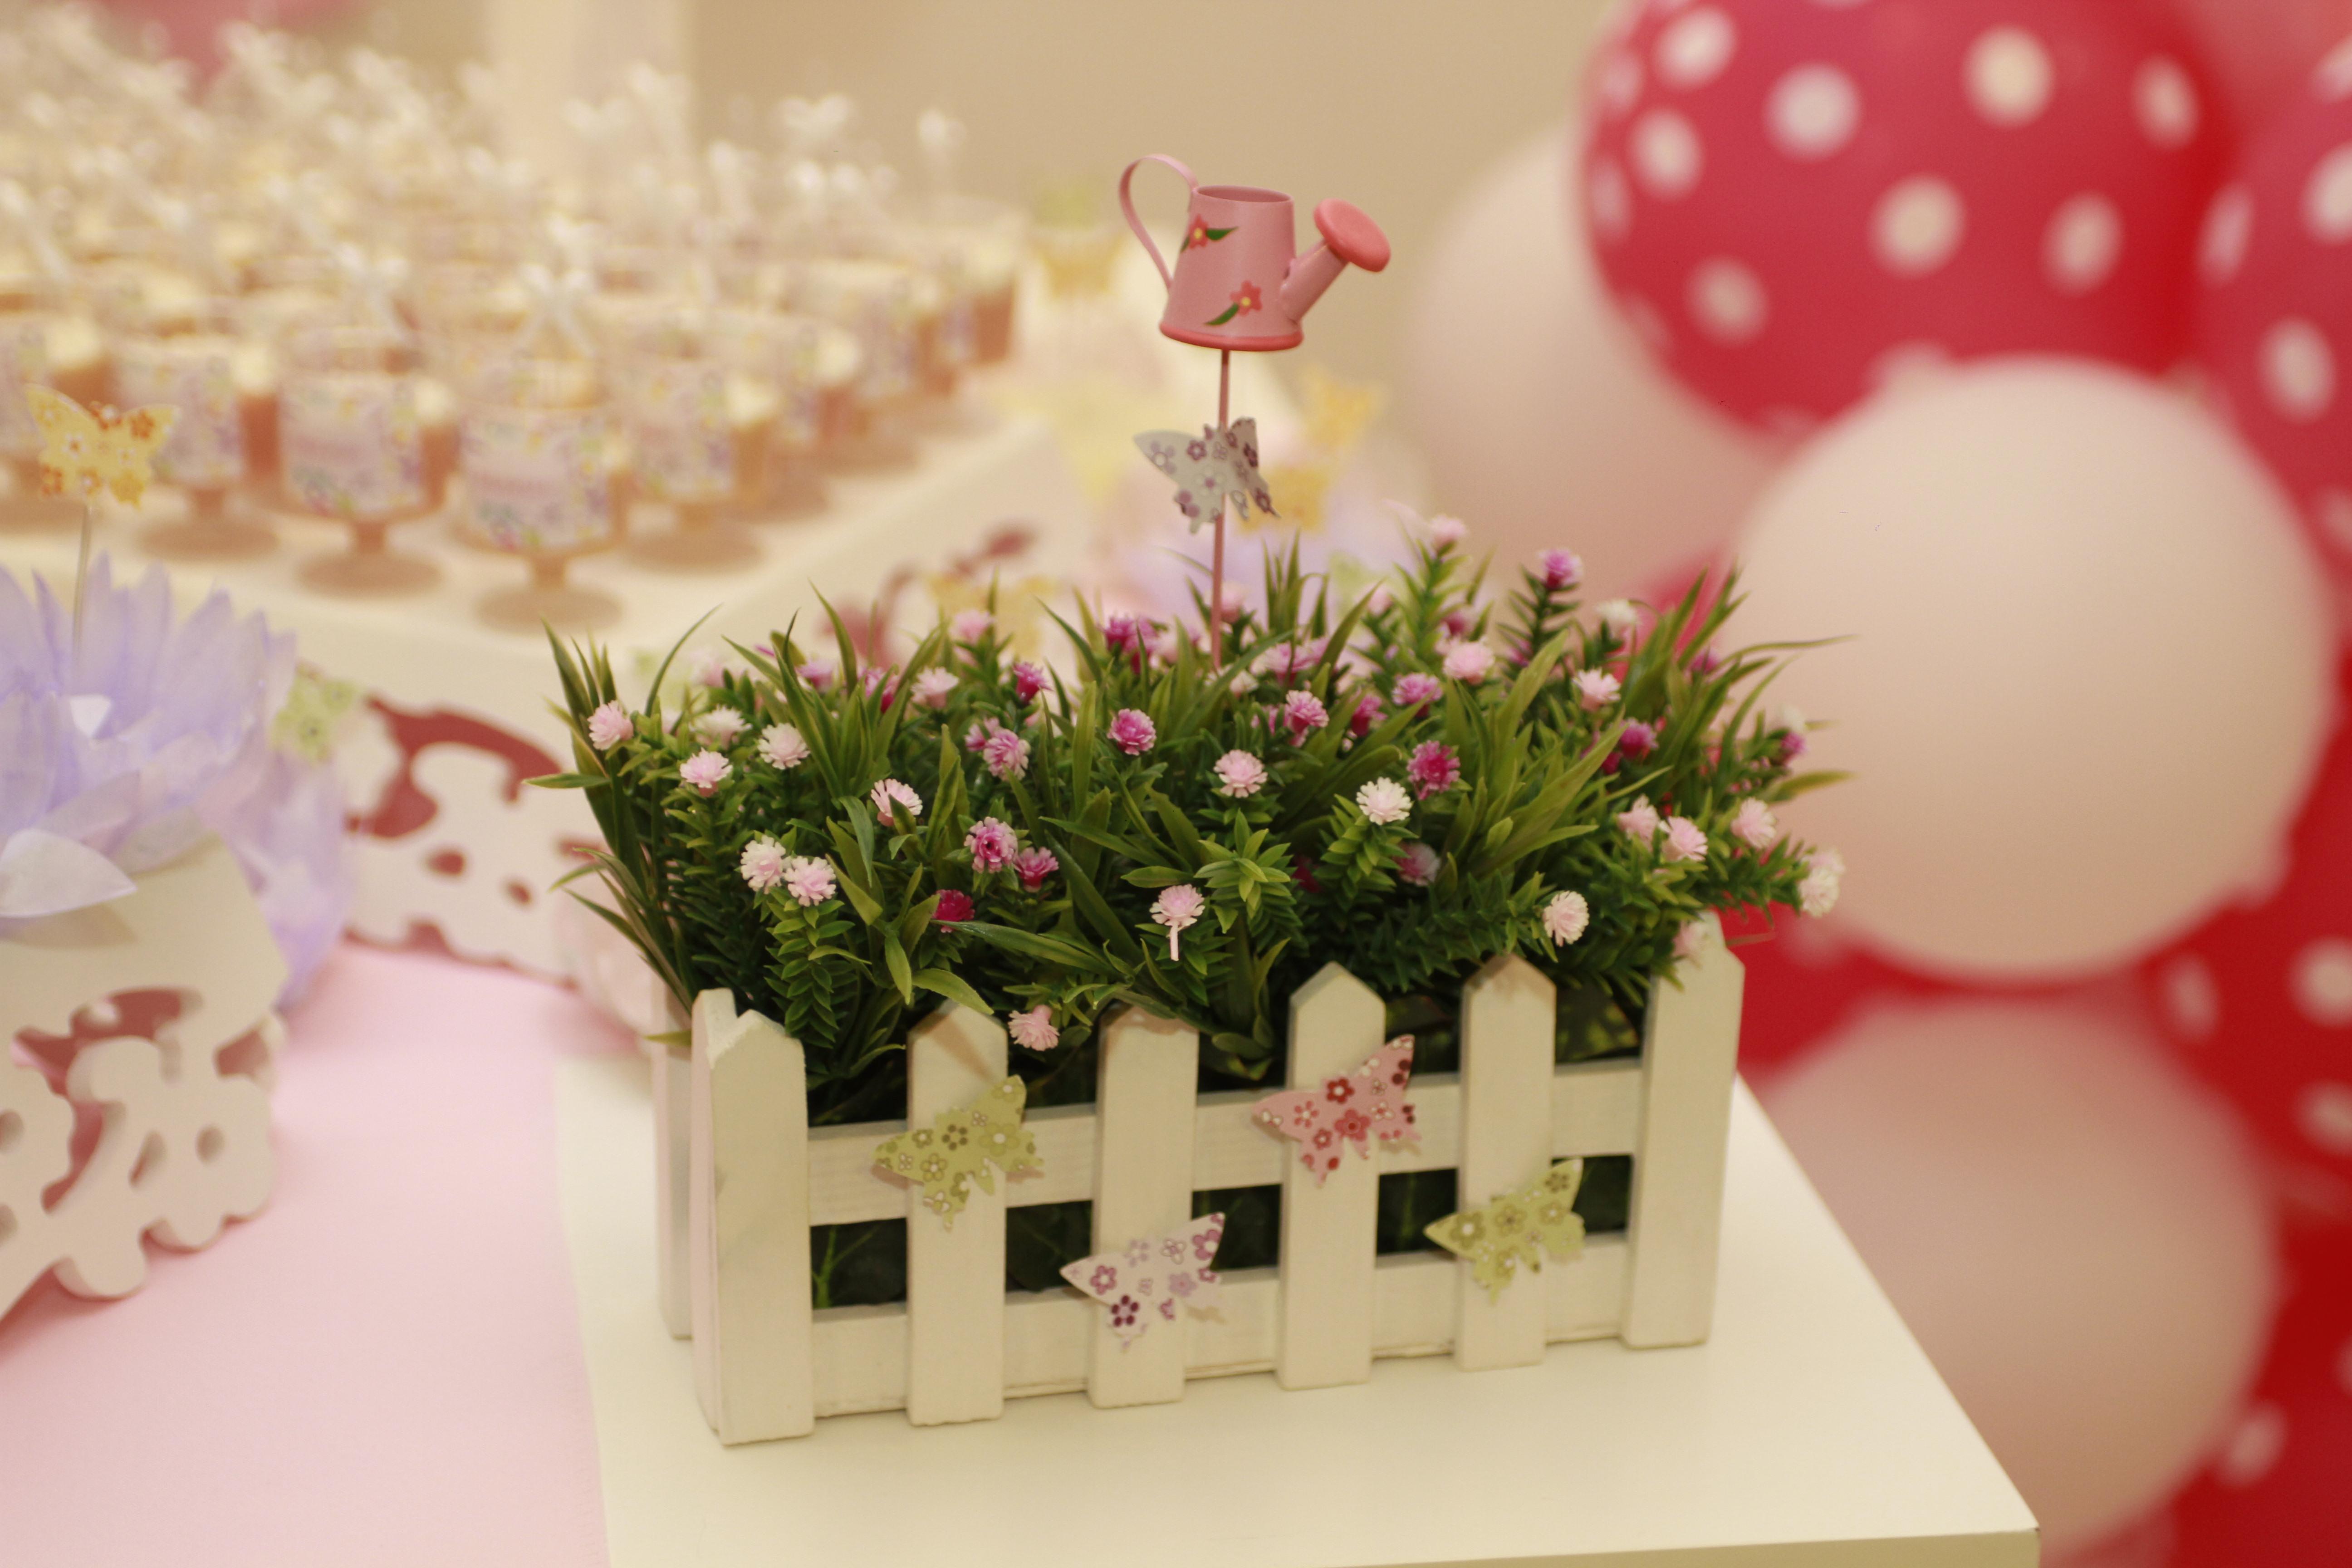 decoracao de aniversario jardim das borboletas:jardim-das-borboletas-decoracao-jardim-das-borboletas decoracao-jardim